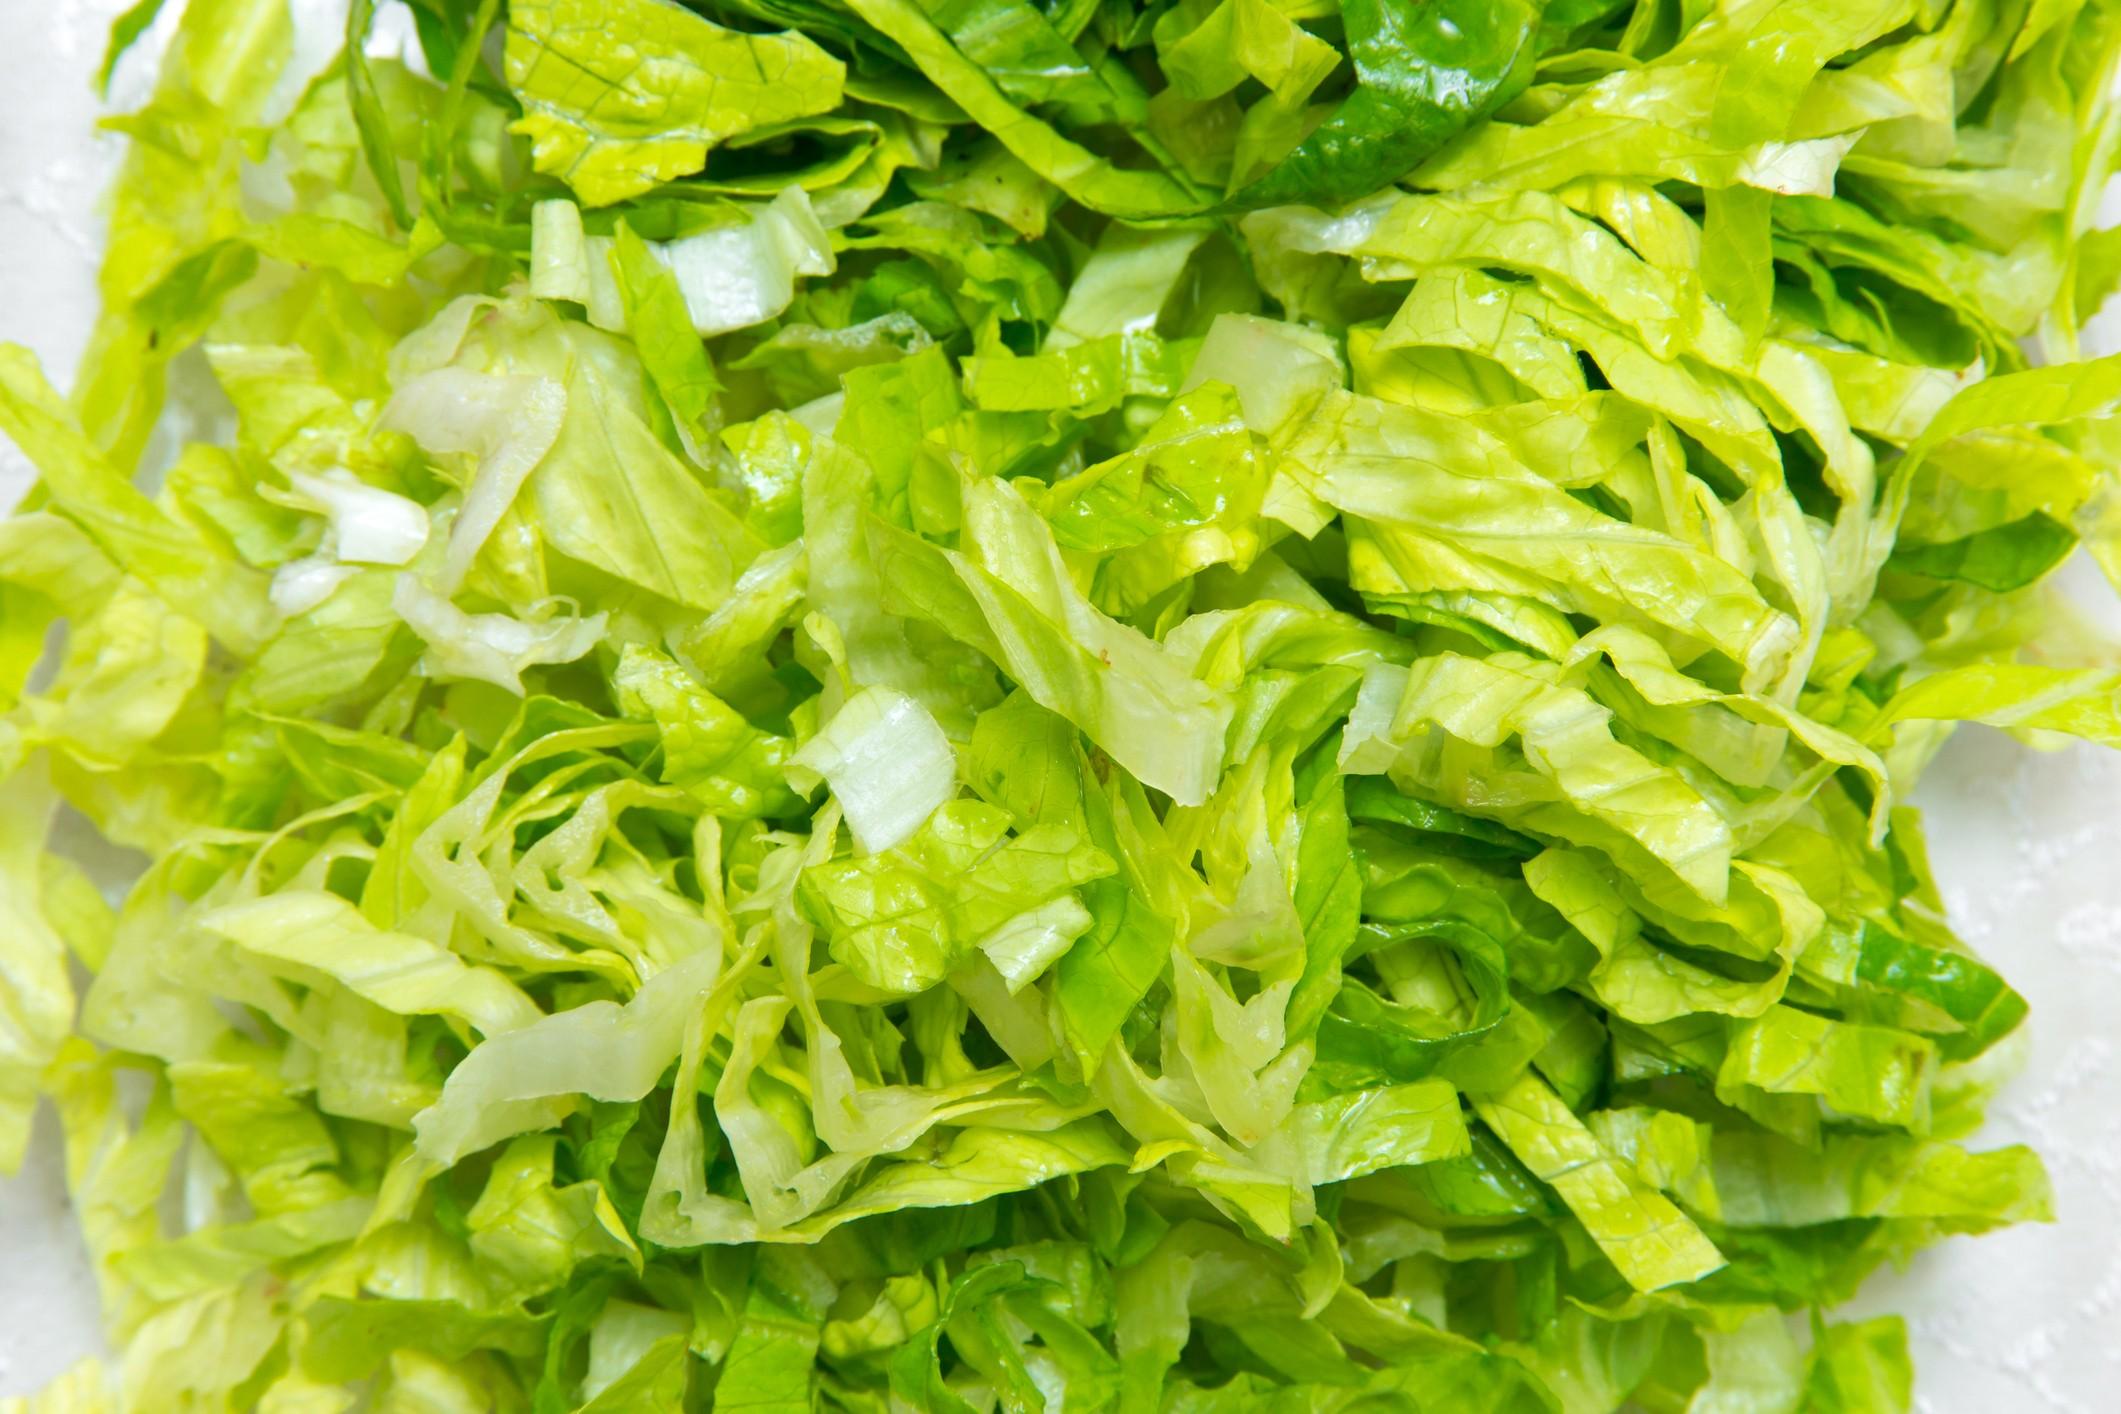 Shredded lettuce salad